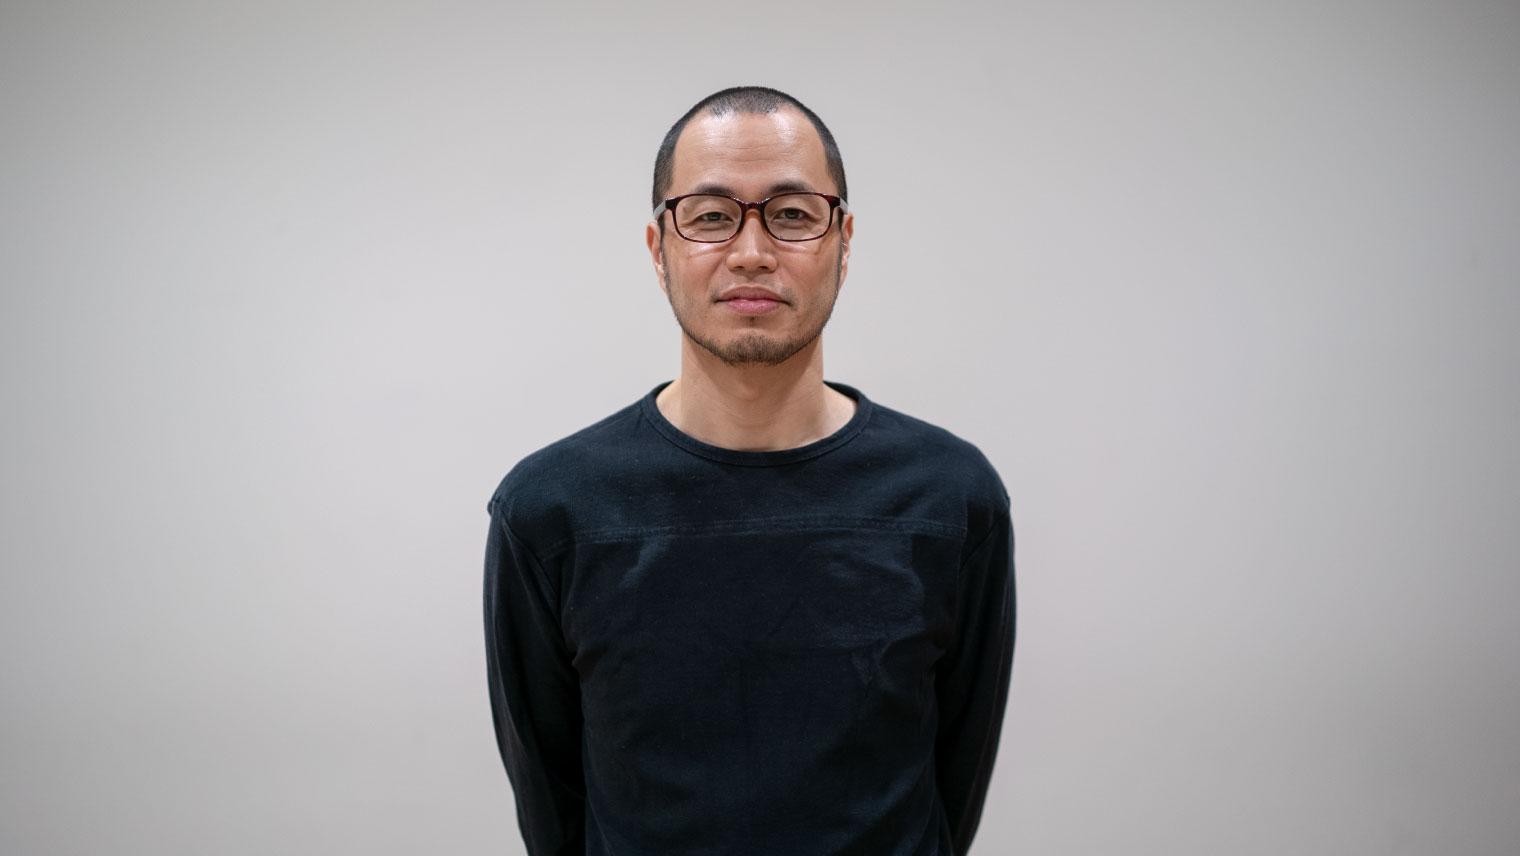 北原 隆幸 ソニー株式会社クリエイティブセンター コミュニケーションデザイン担当